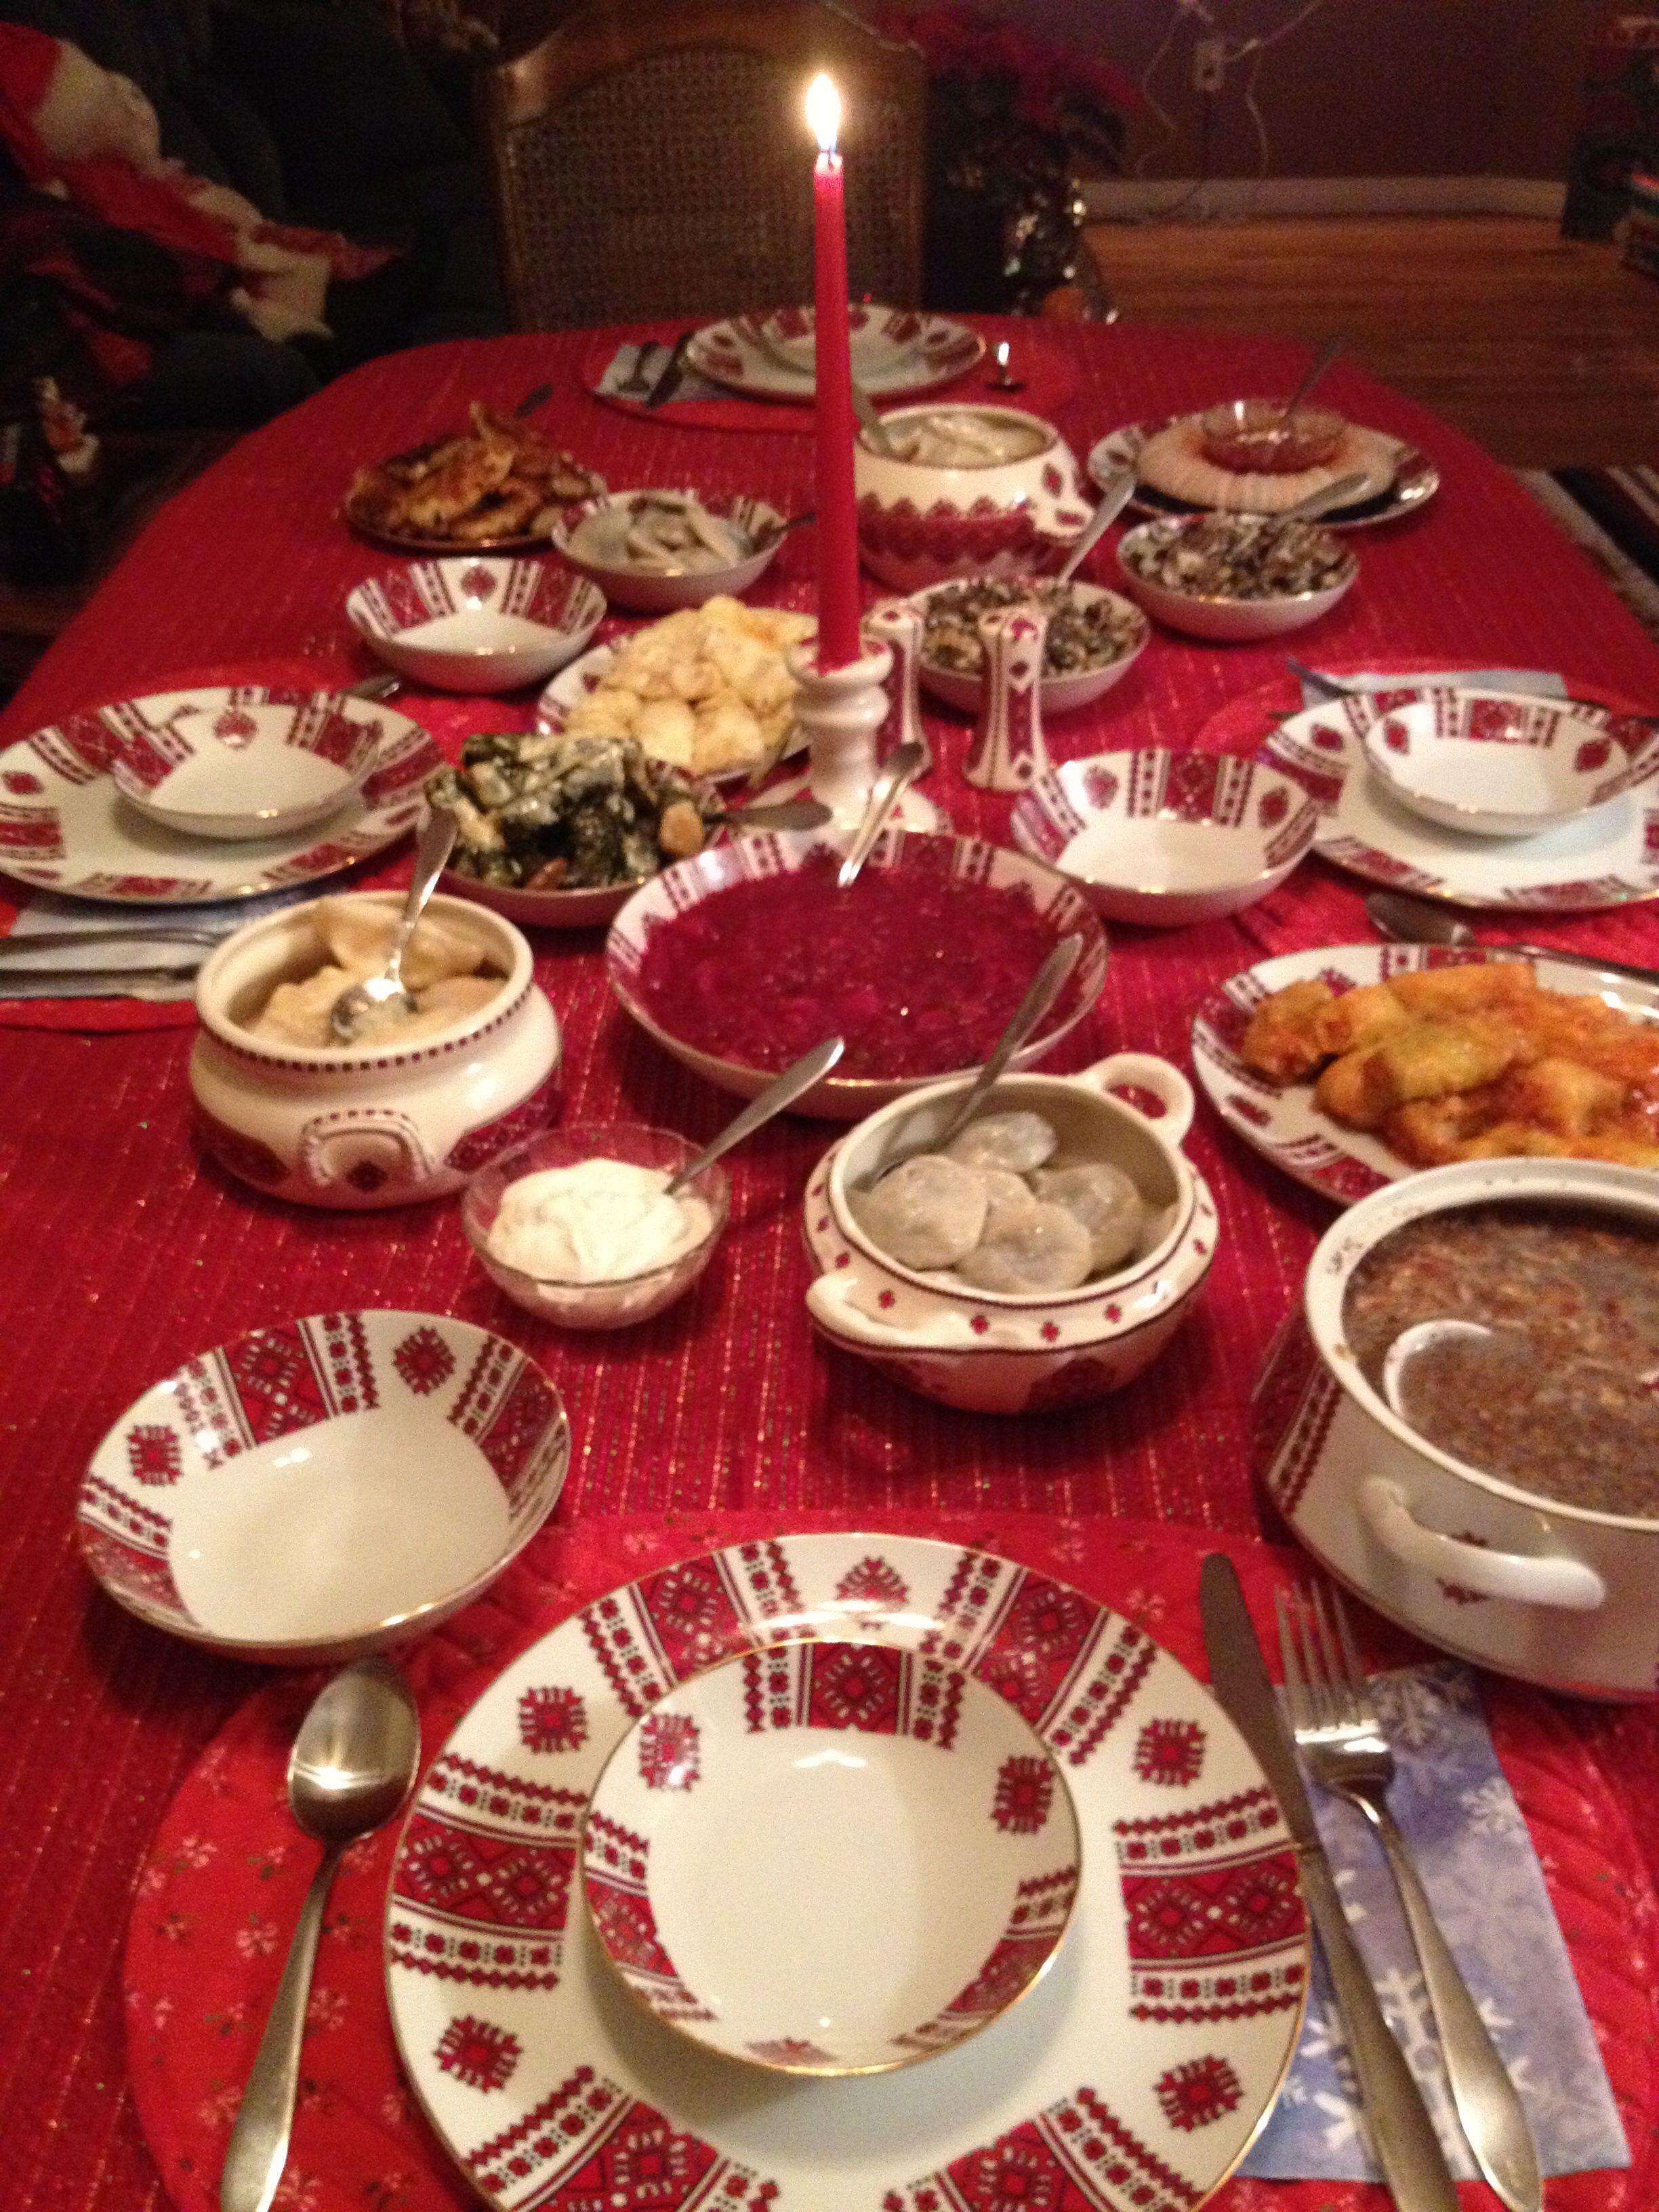 Christmas Eve Food In Spain